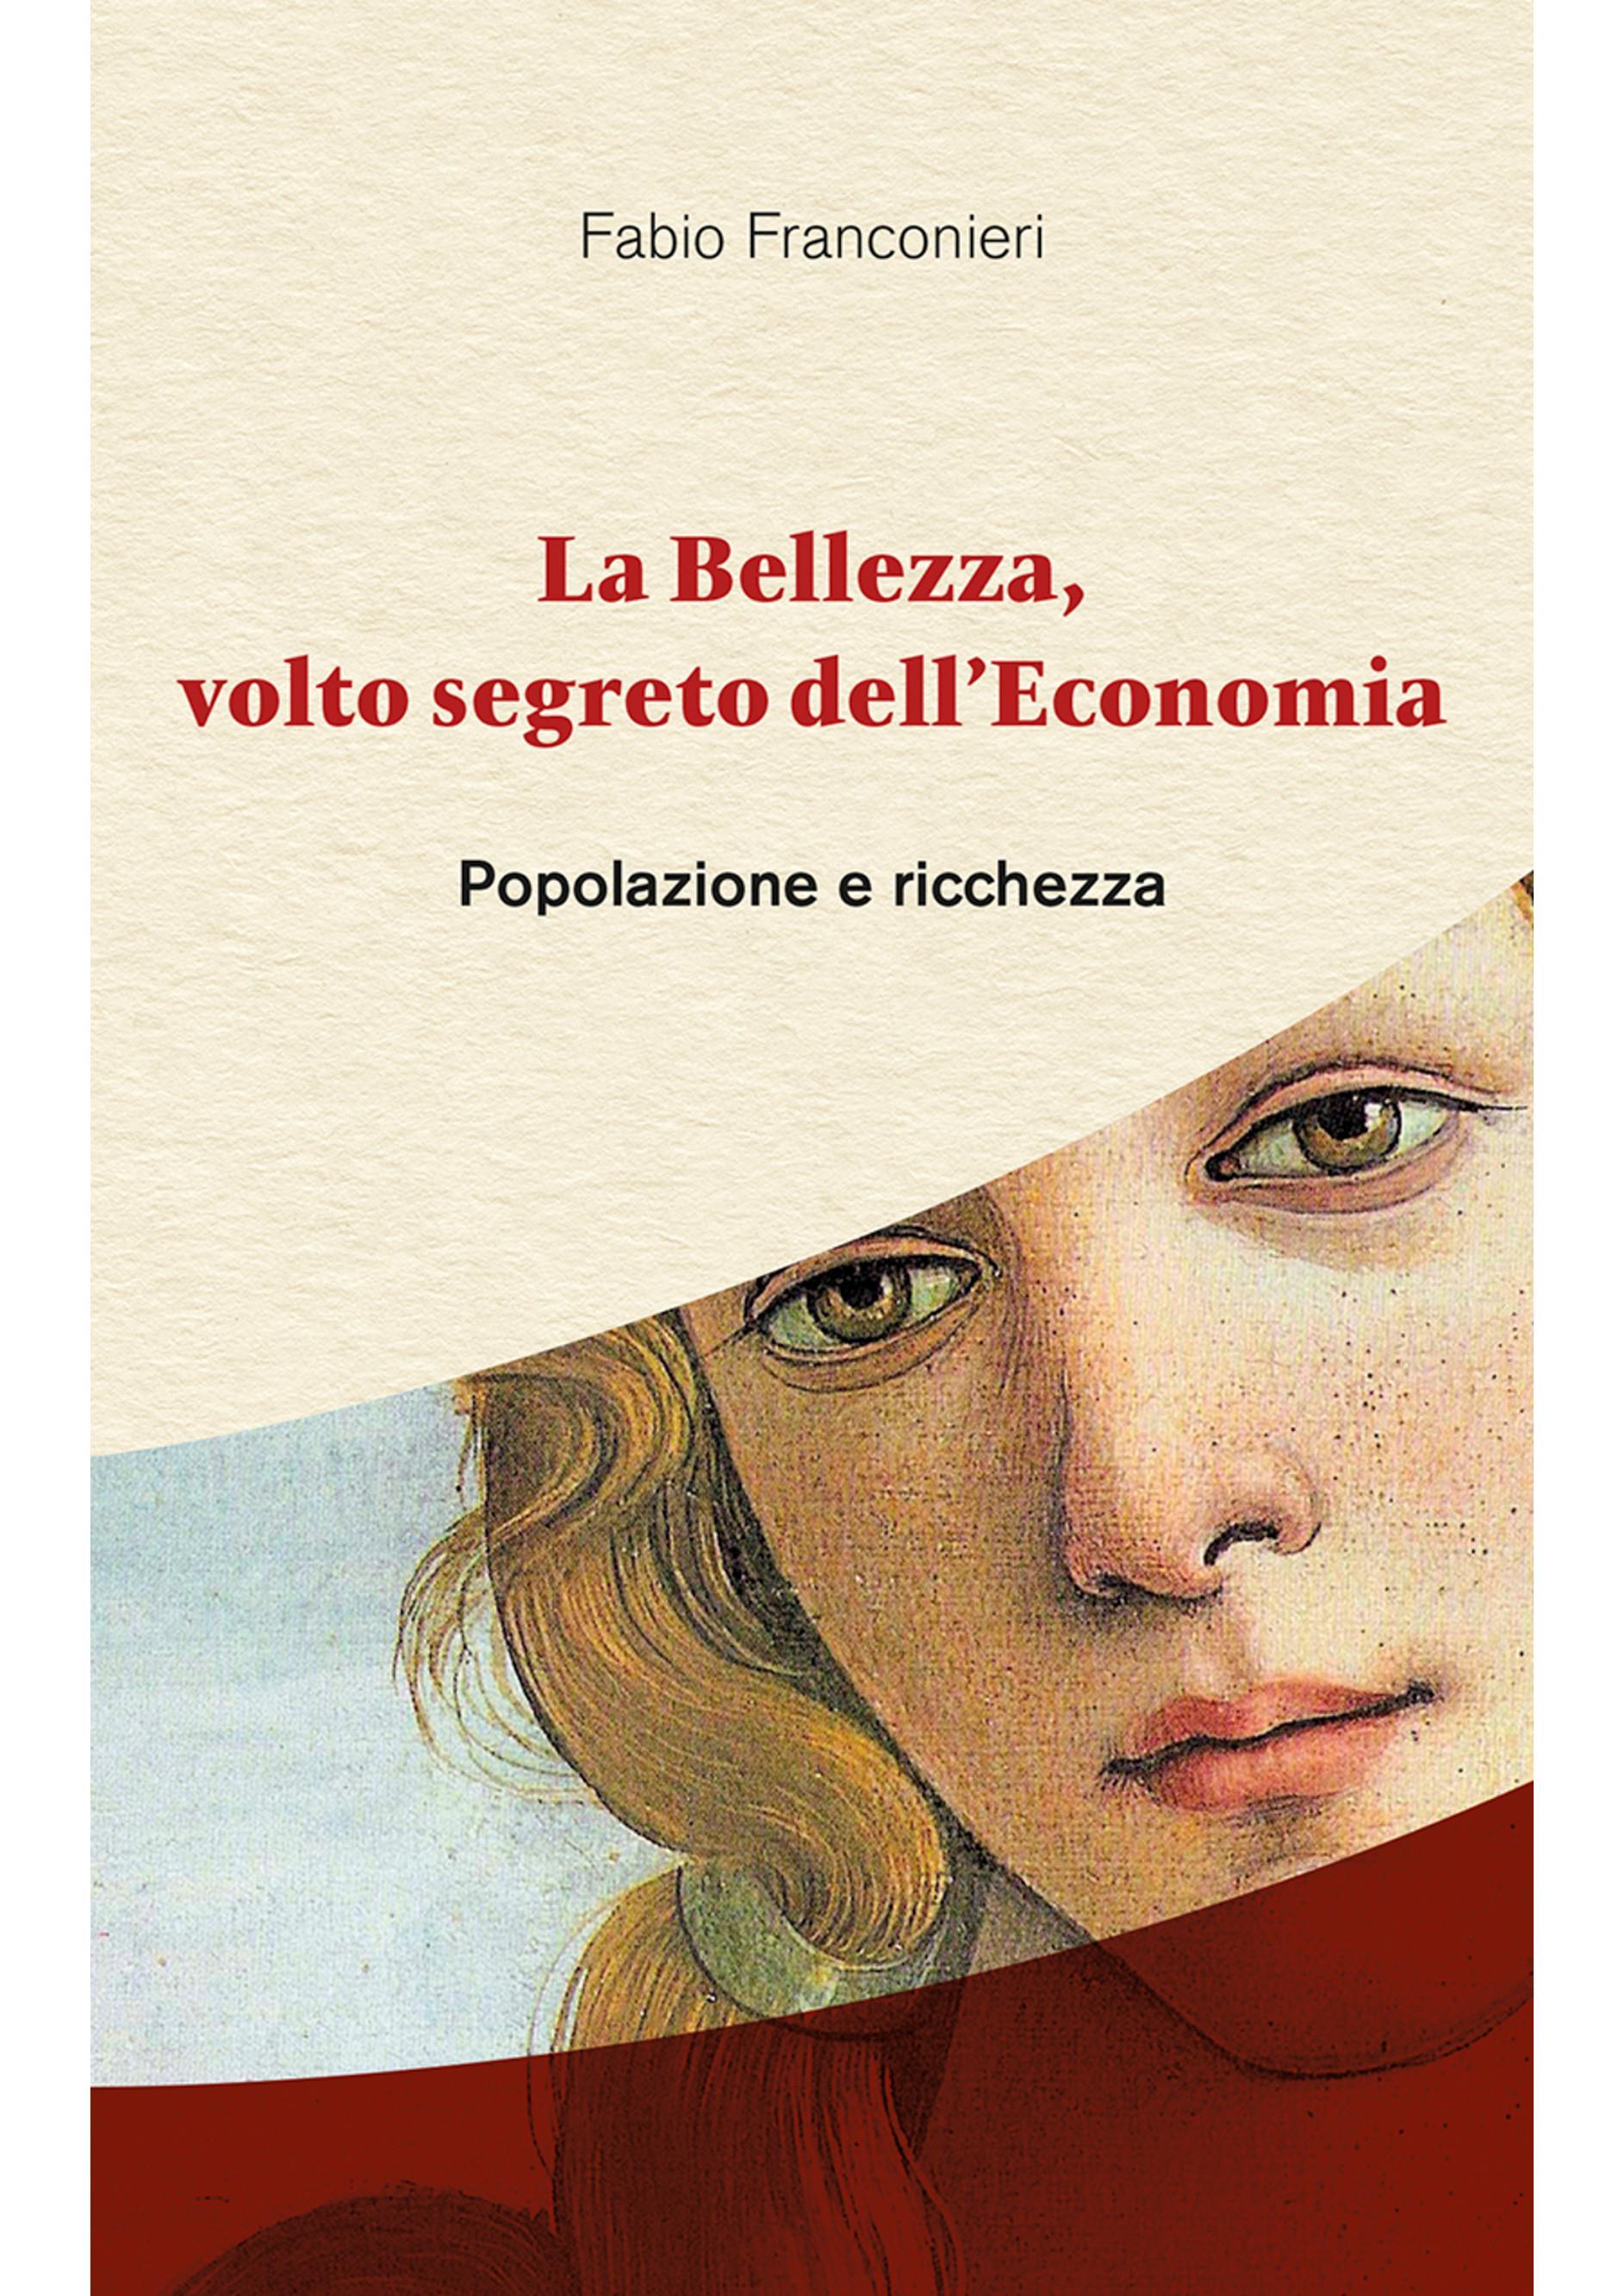 La Bellezza, volto segreto dell'Economia - Popolazione e ricchezza